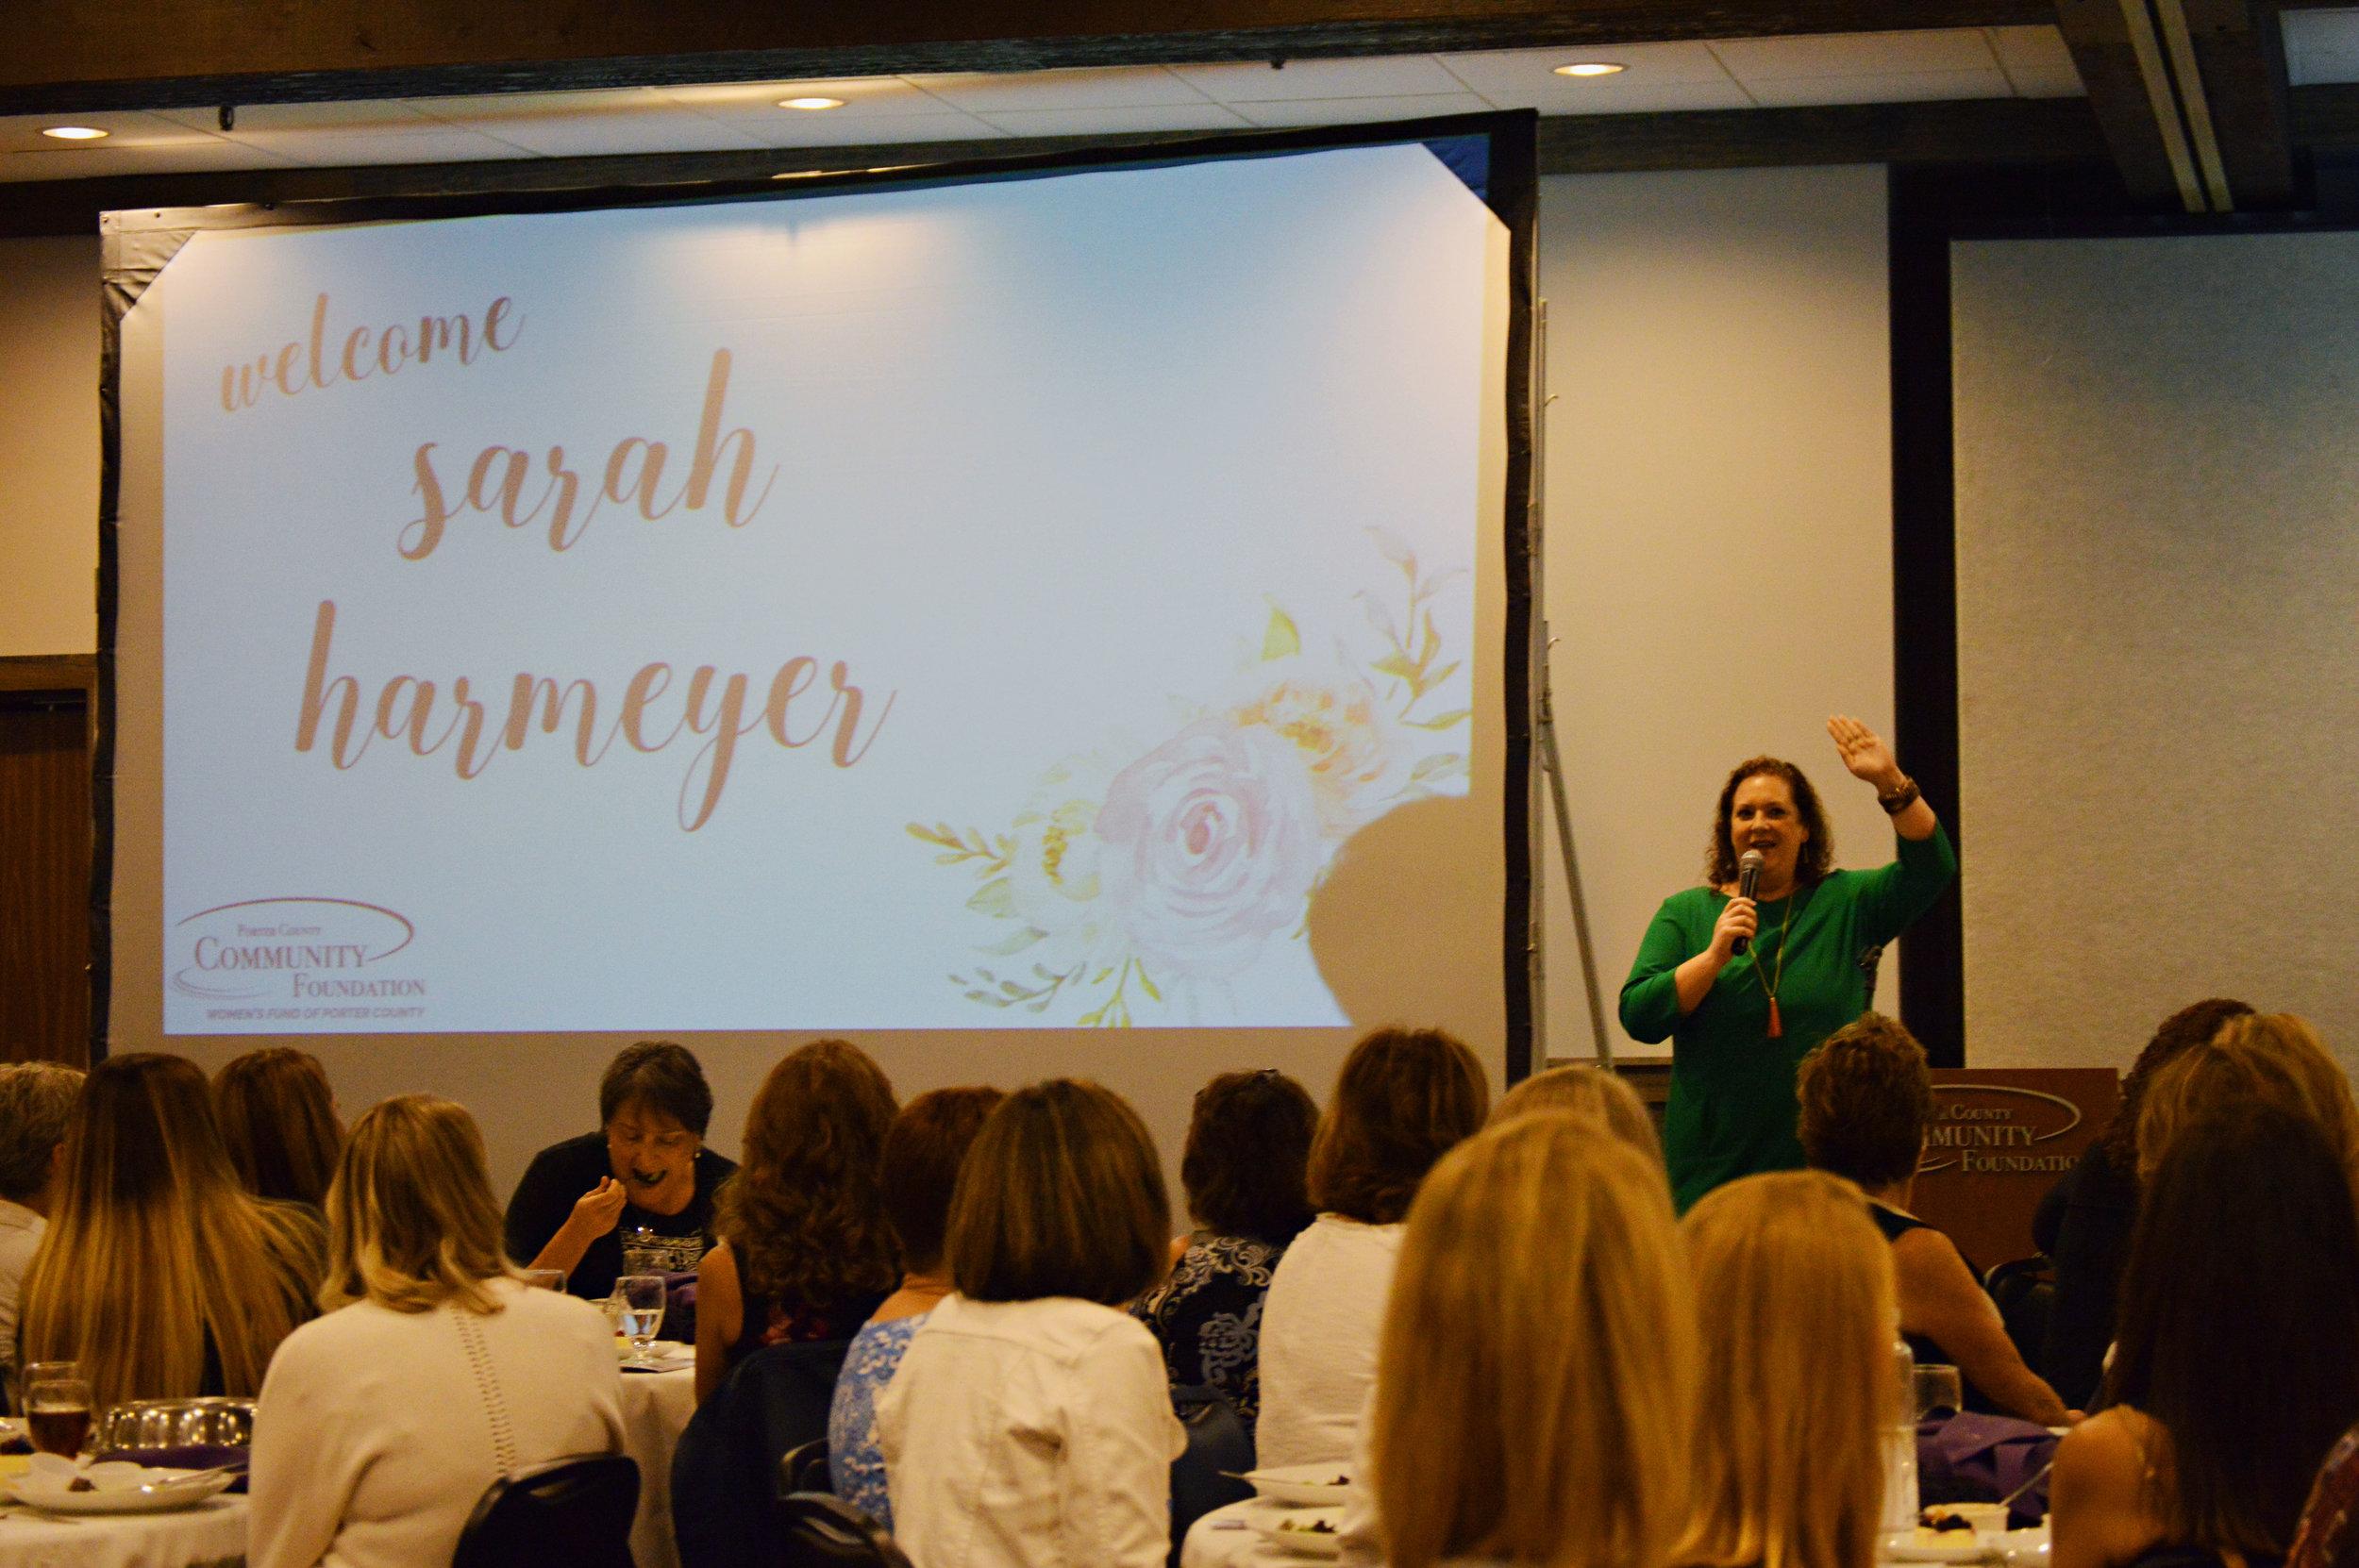 Sarah-Harmeyer-at-the-womens-tea.jpg